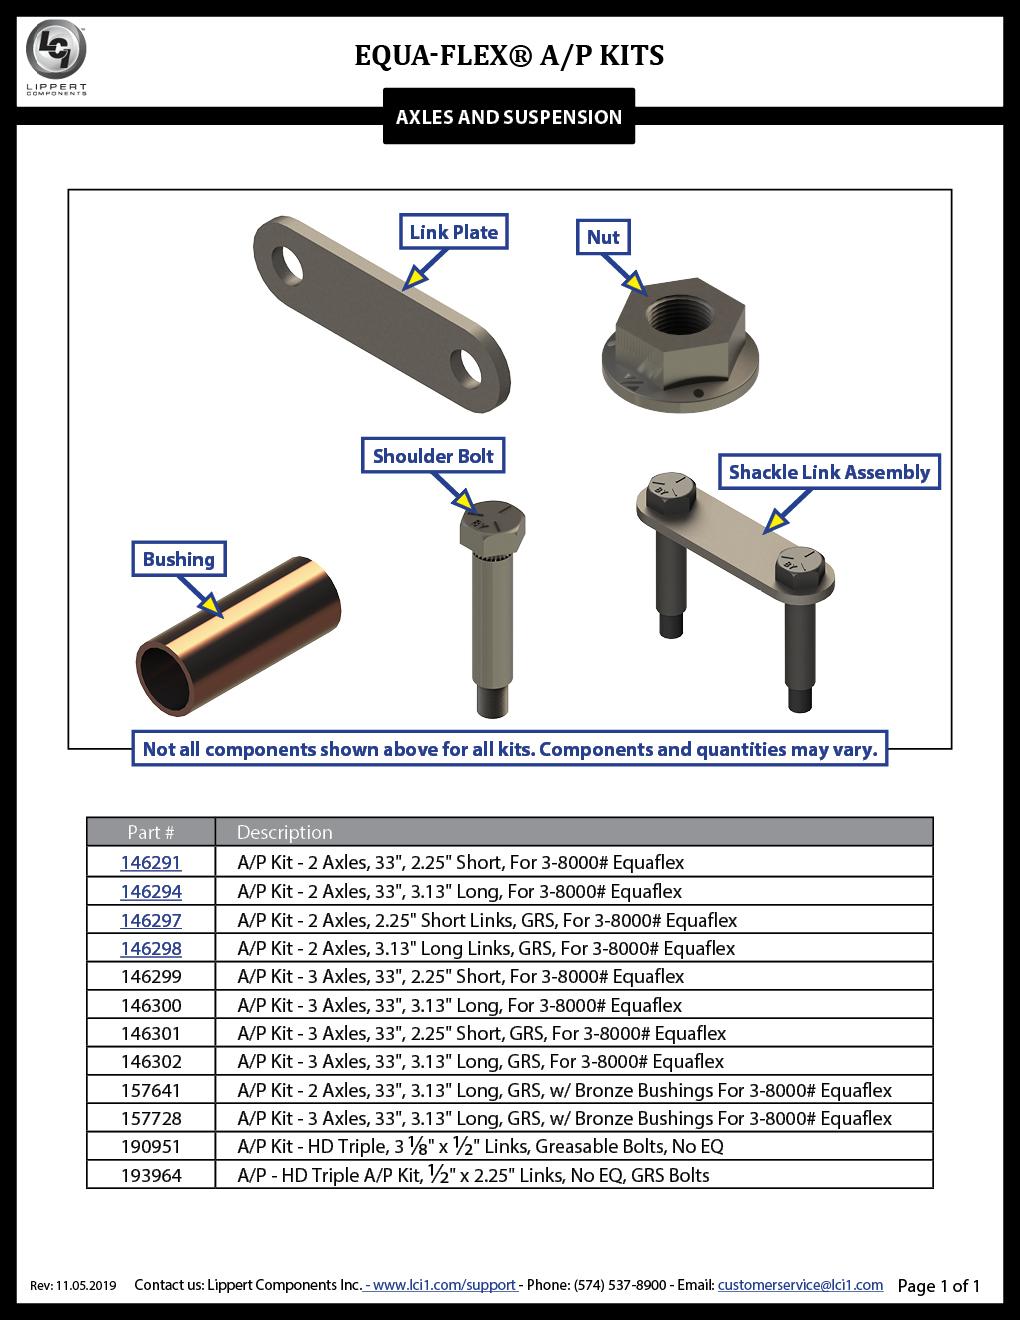 Equa-Flex® A/P Kits